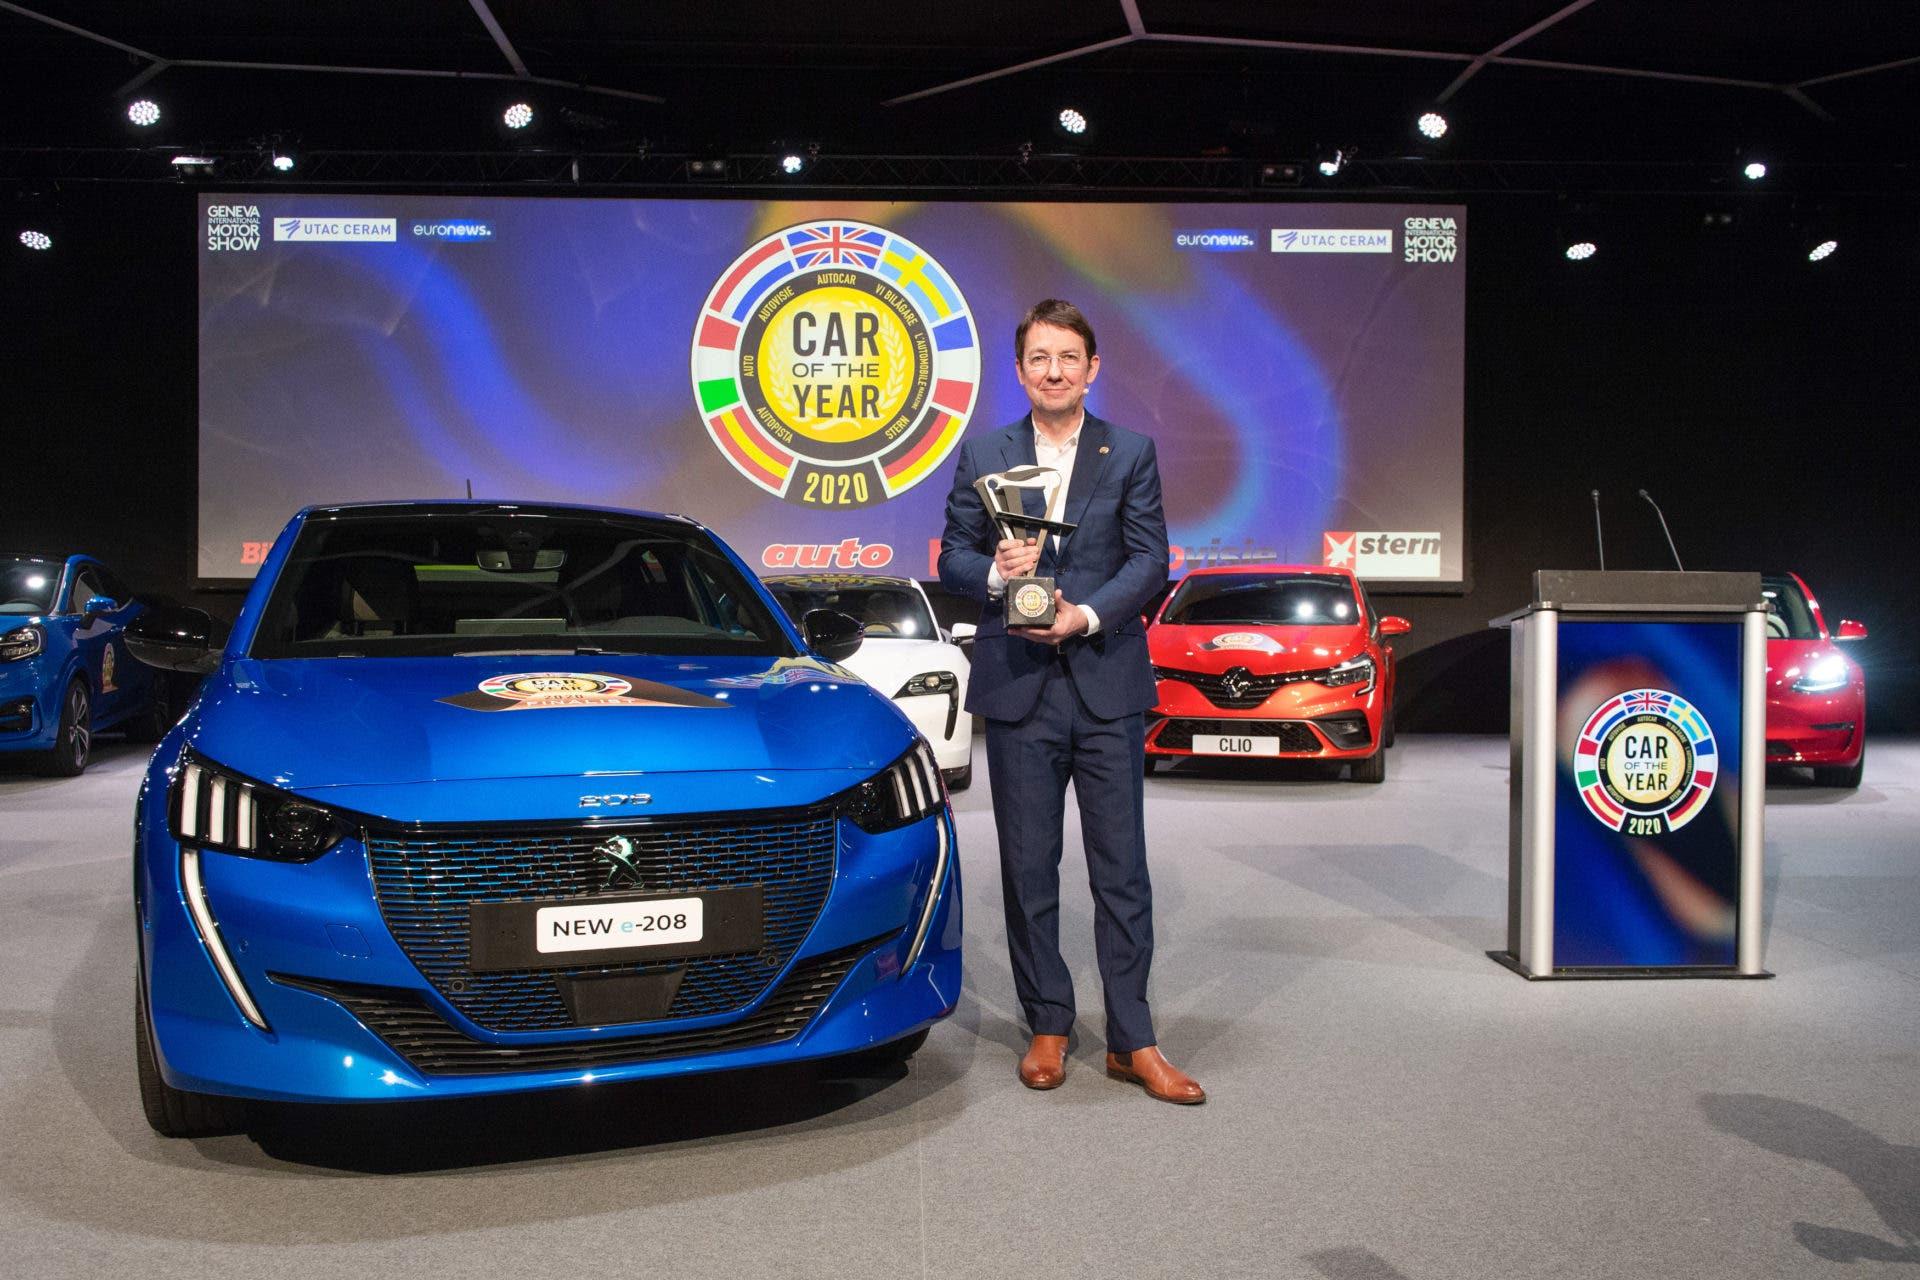 1. Platz: Der Peugeot 208 (281 /290 Punkten). Daneben zu sehen: Jean-Philippe Imparato, Markendirektor von Peugeot.